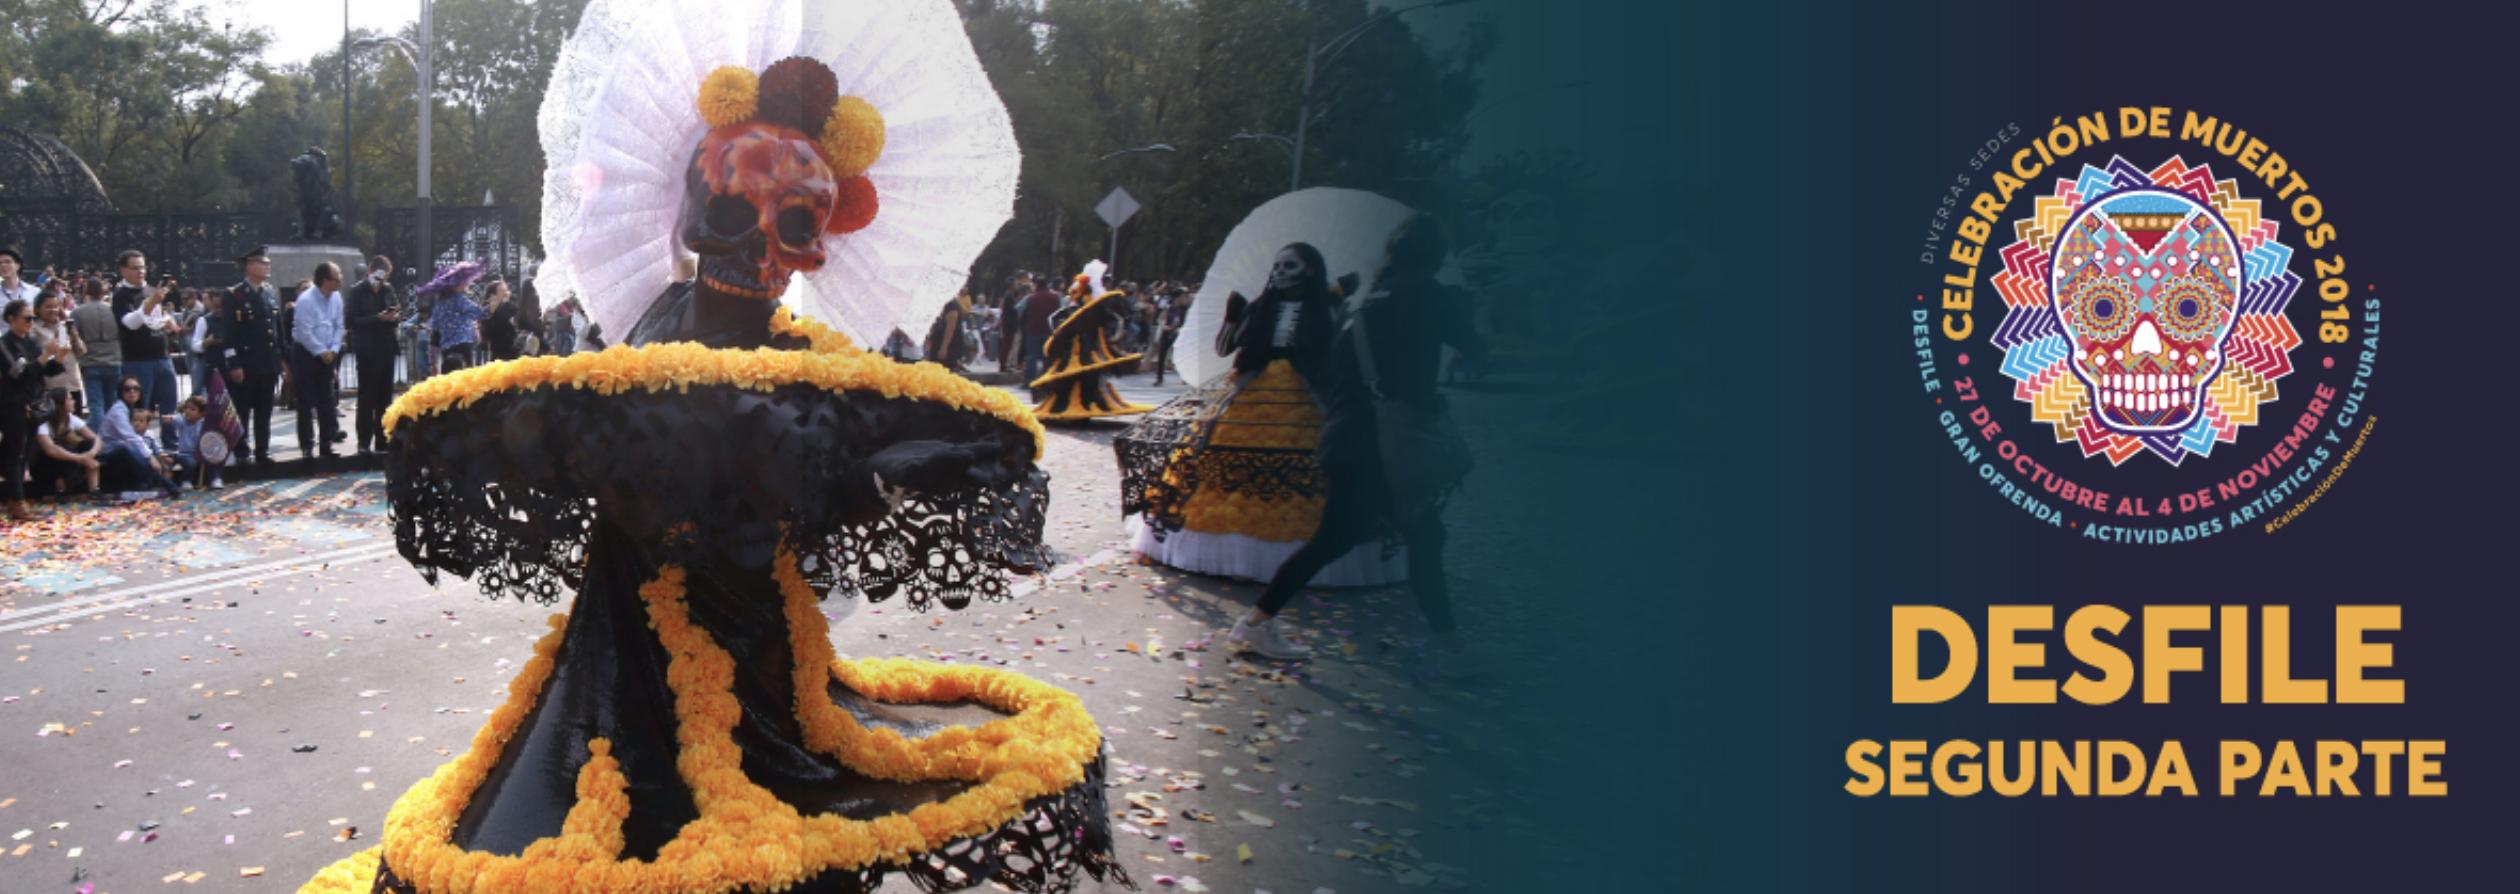 Desfile del Día de Muertos 2da parte